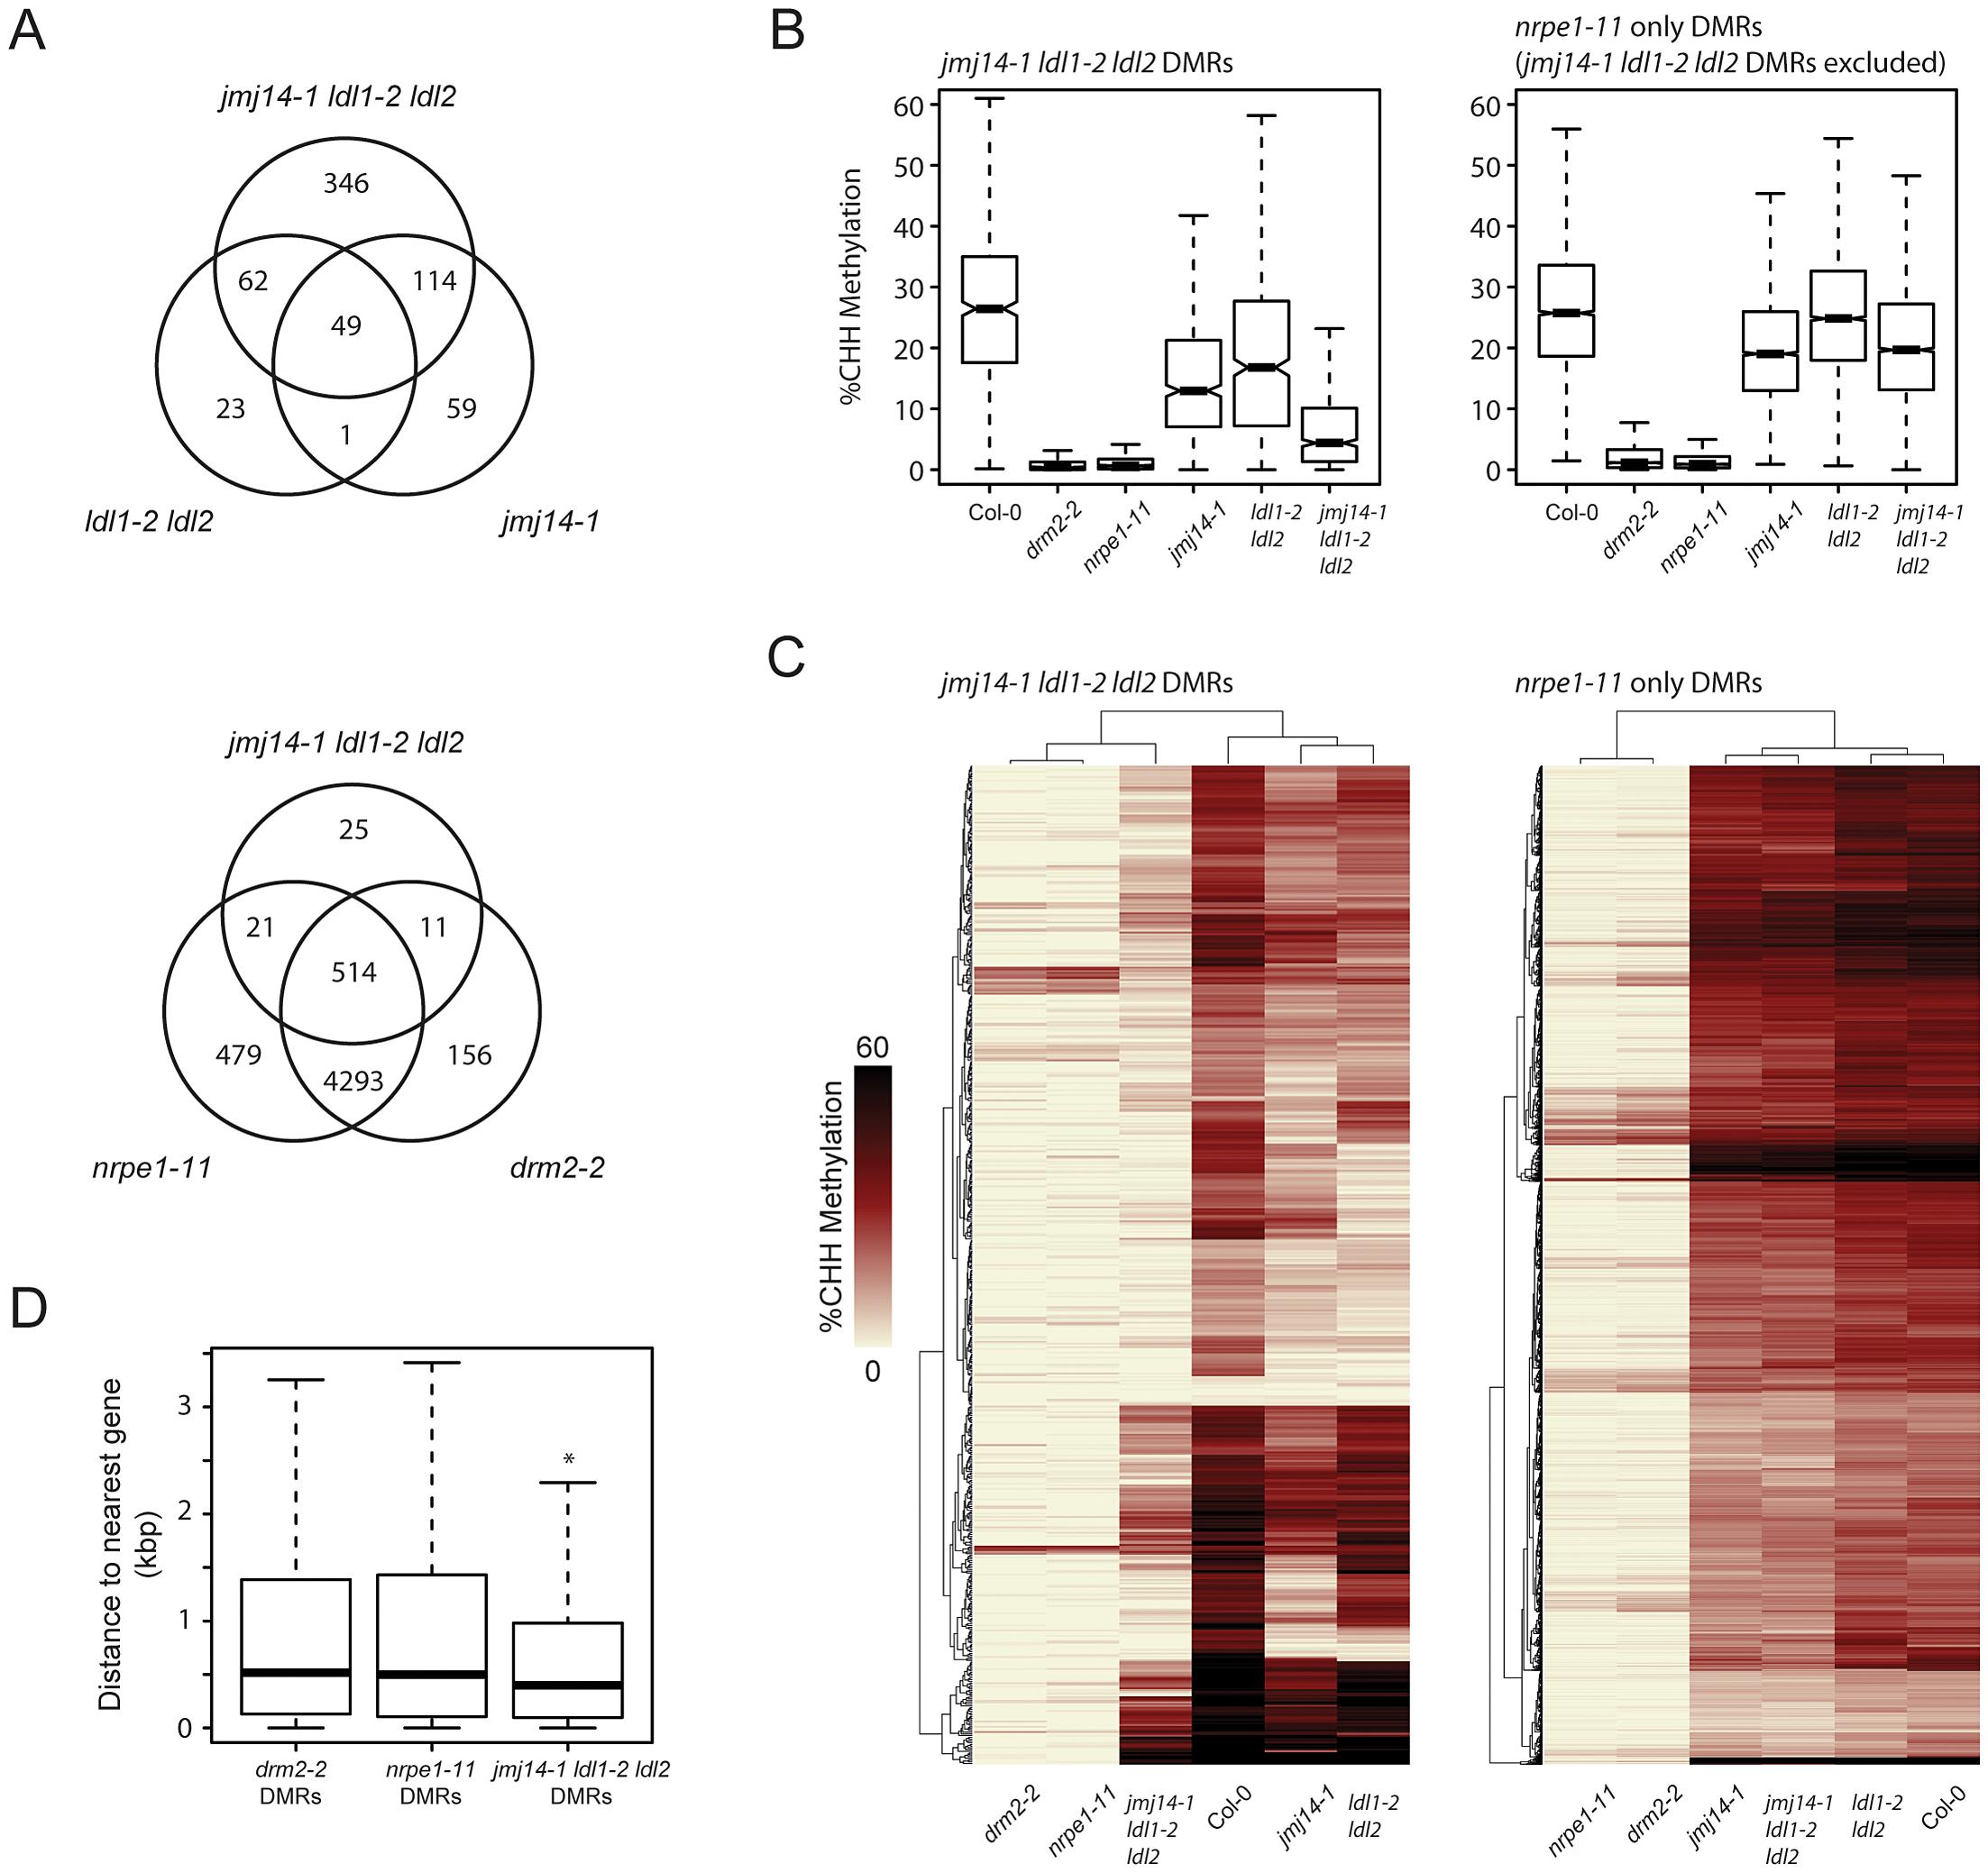 De novo identification of DMRs in <i>jmj14-1 ldl1-2 ldl2</i> and <i>nrpe1-11</i> mutant backgrounds.